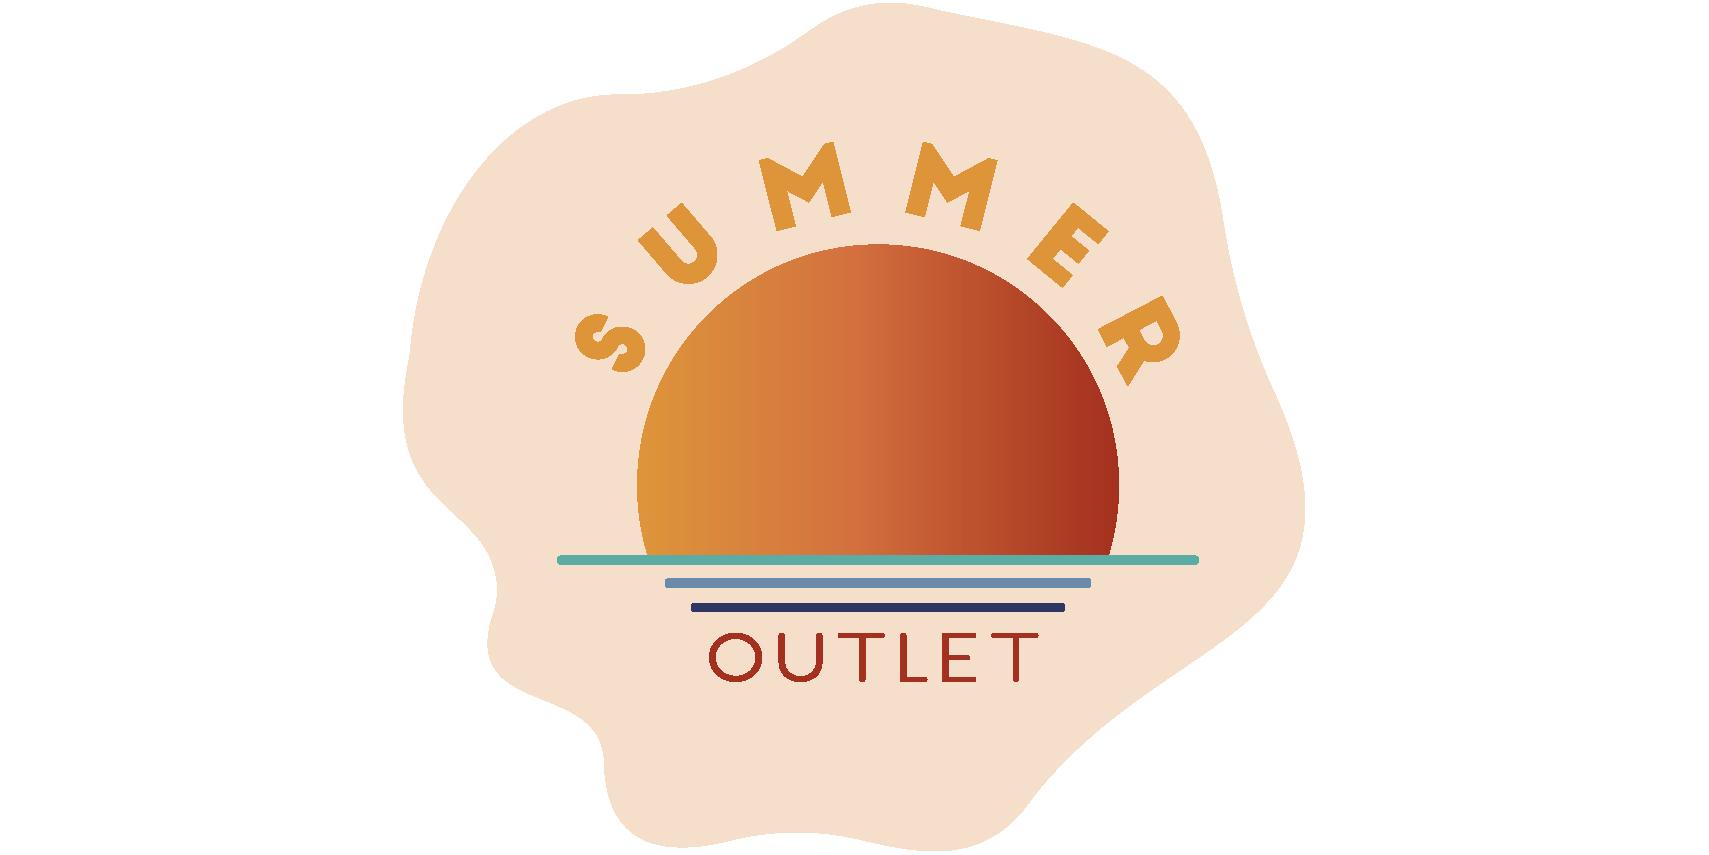 Summer Outlet